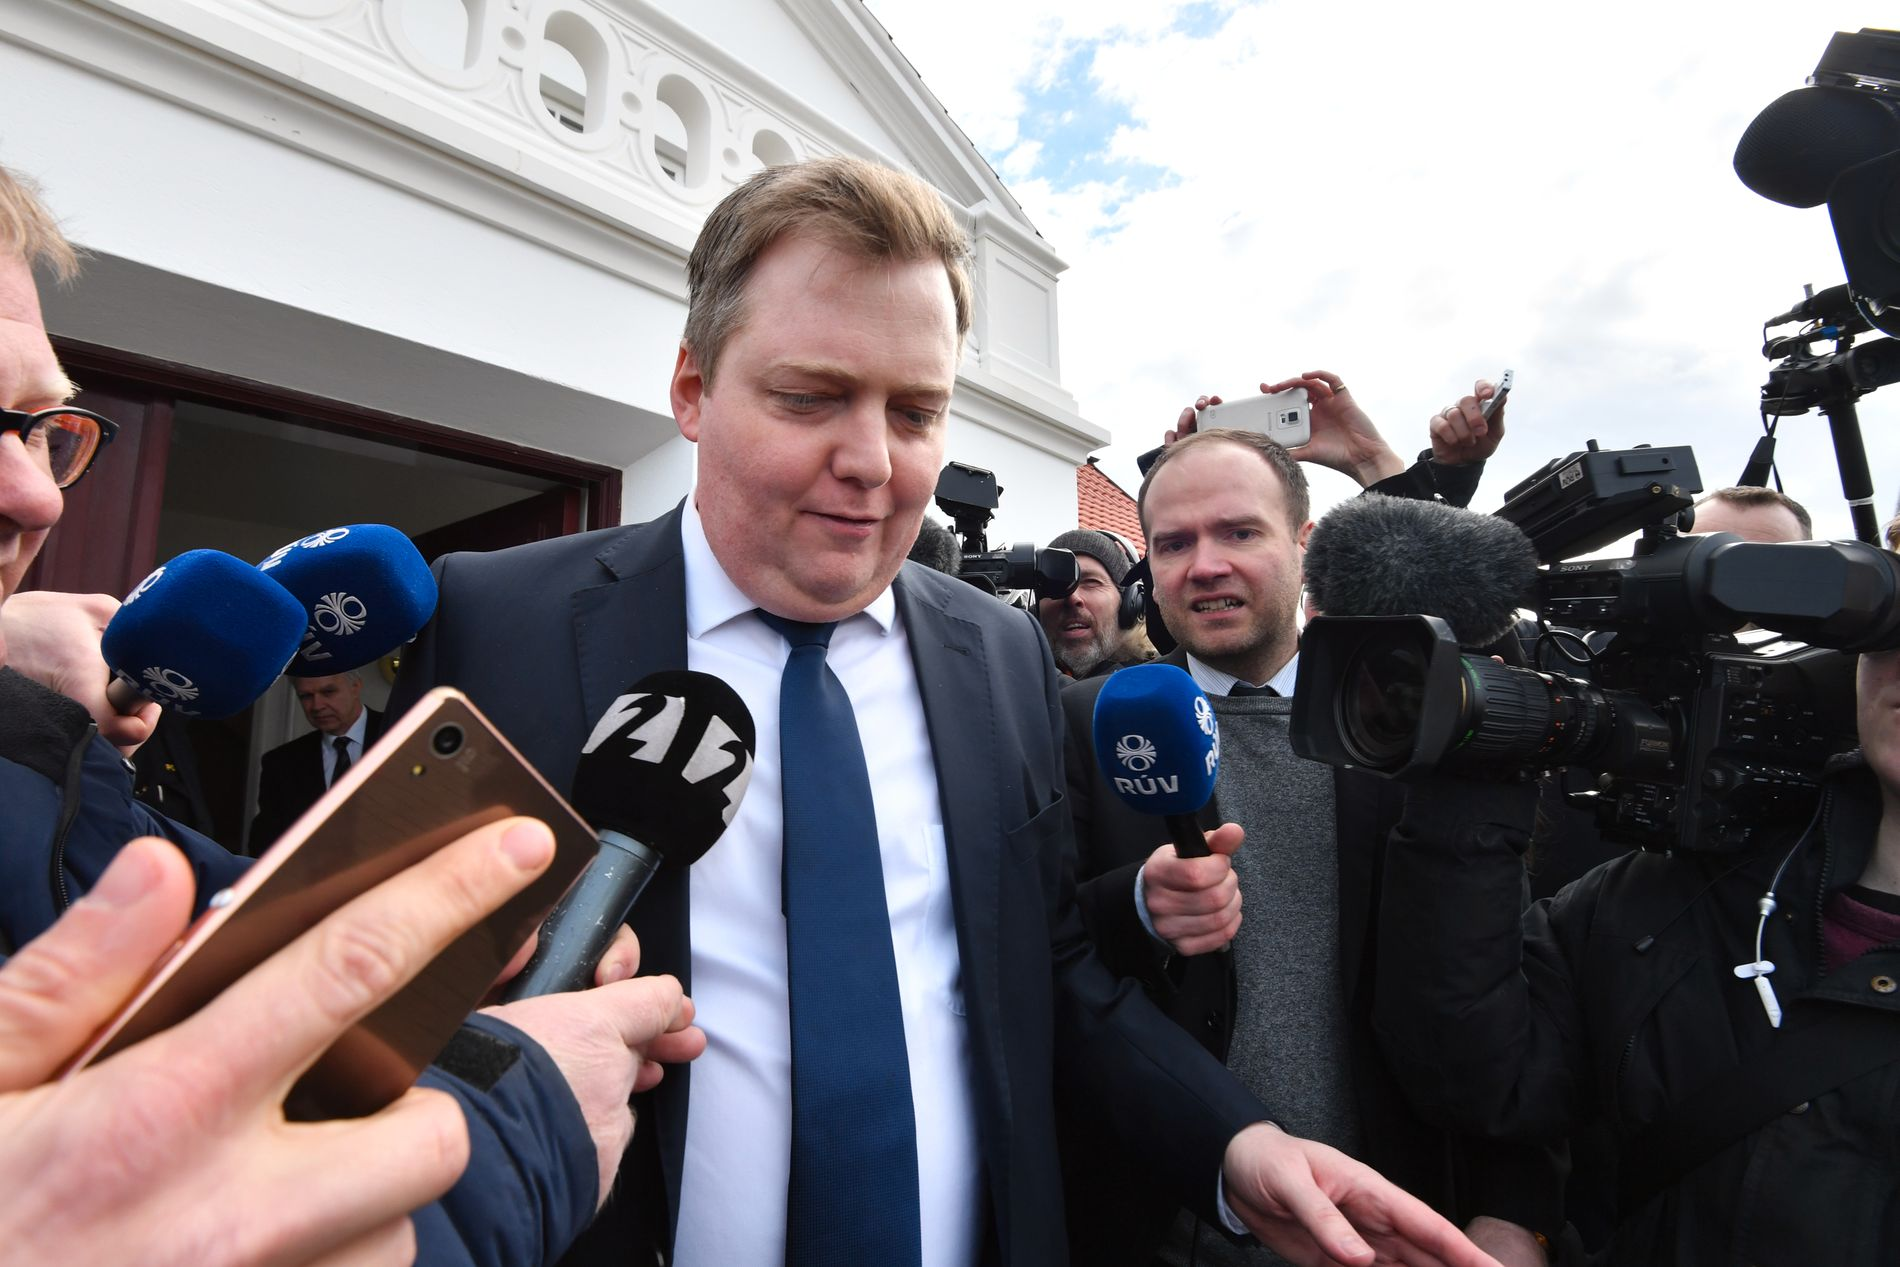 STOR INTERESSE: Her forlater den islandske statsministeren boligen til landets president etter et krisemøte. Foto: HELGE MIKALSEN